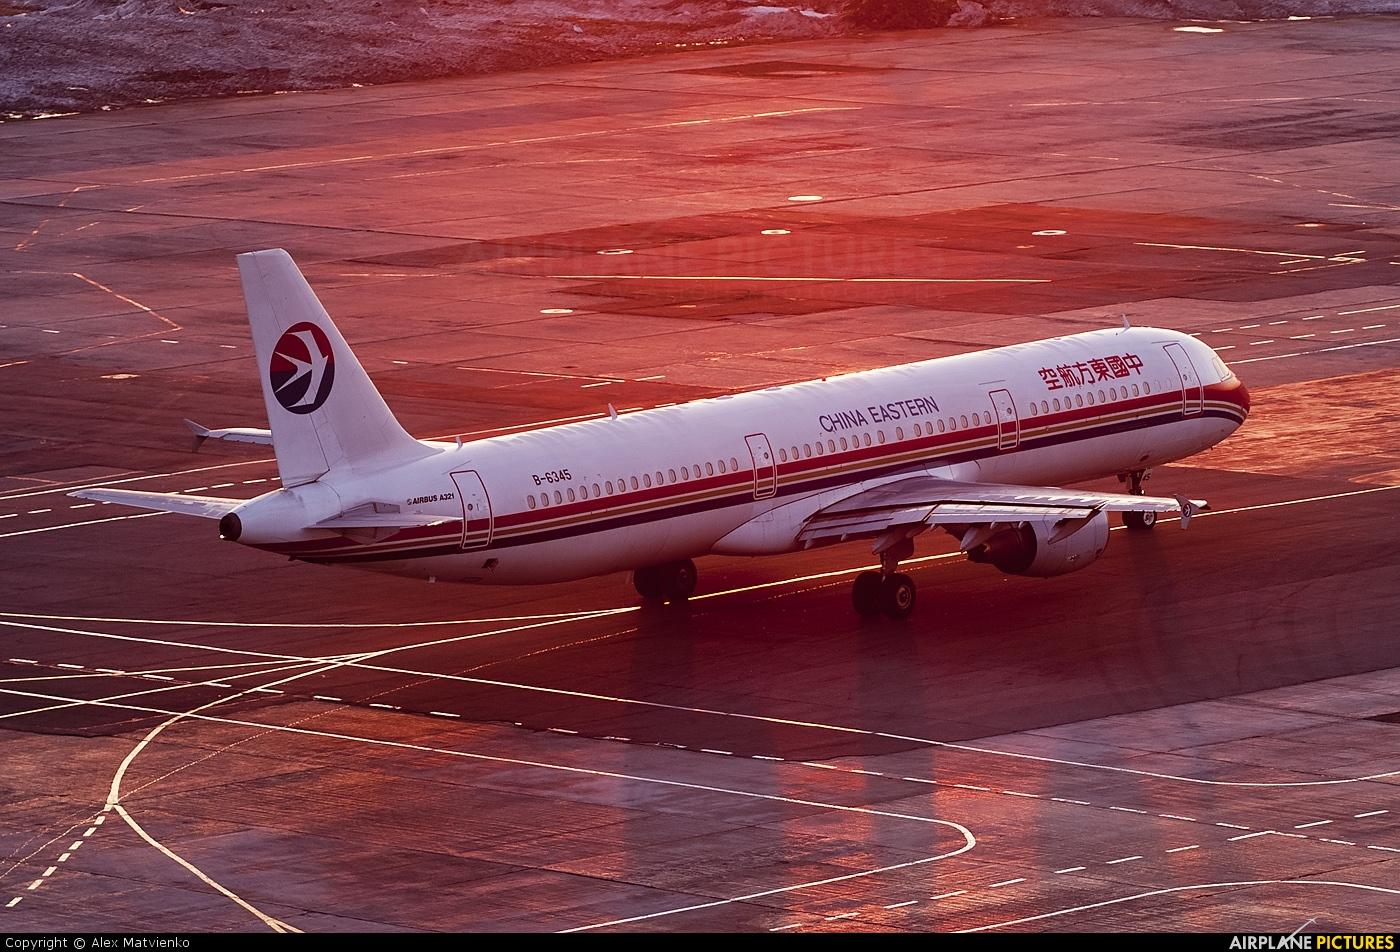 China Eastern Airlines B-6345 aircraft at Khabarovsk Novy